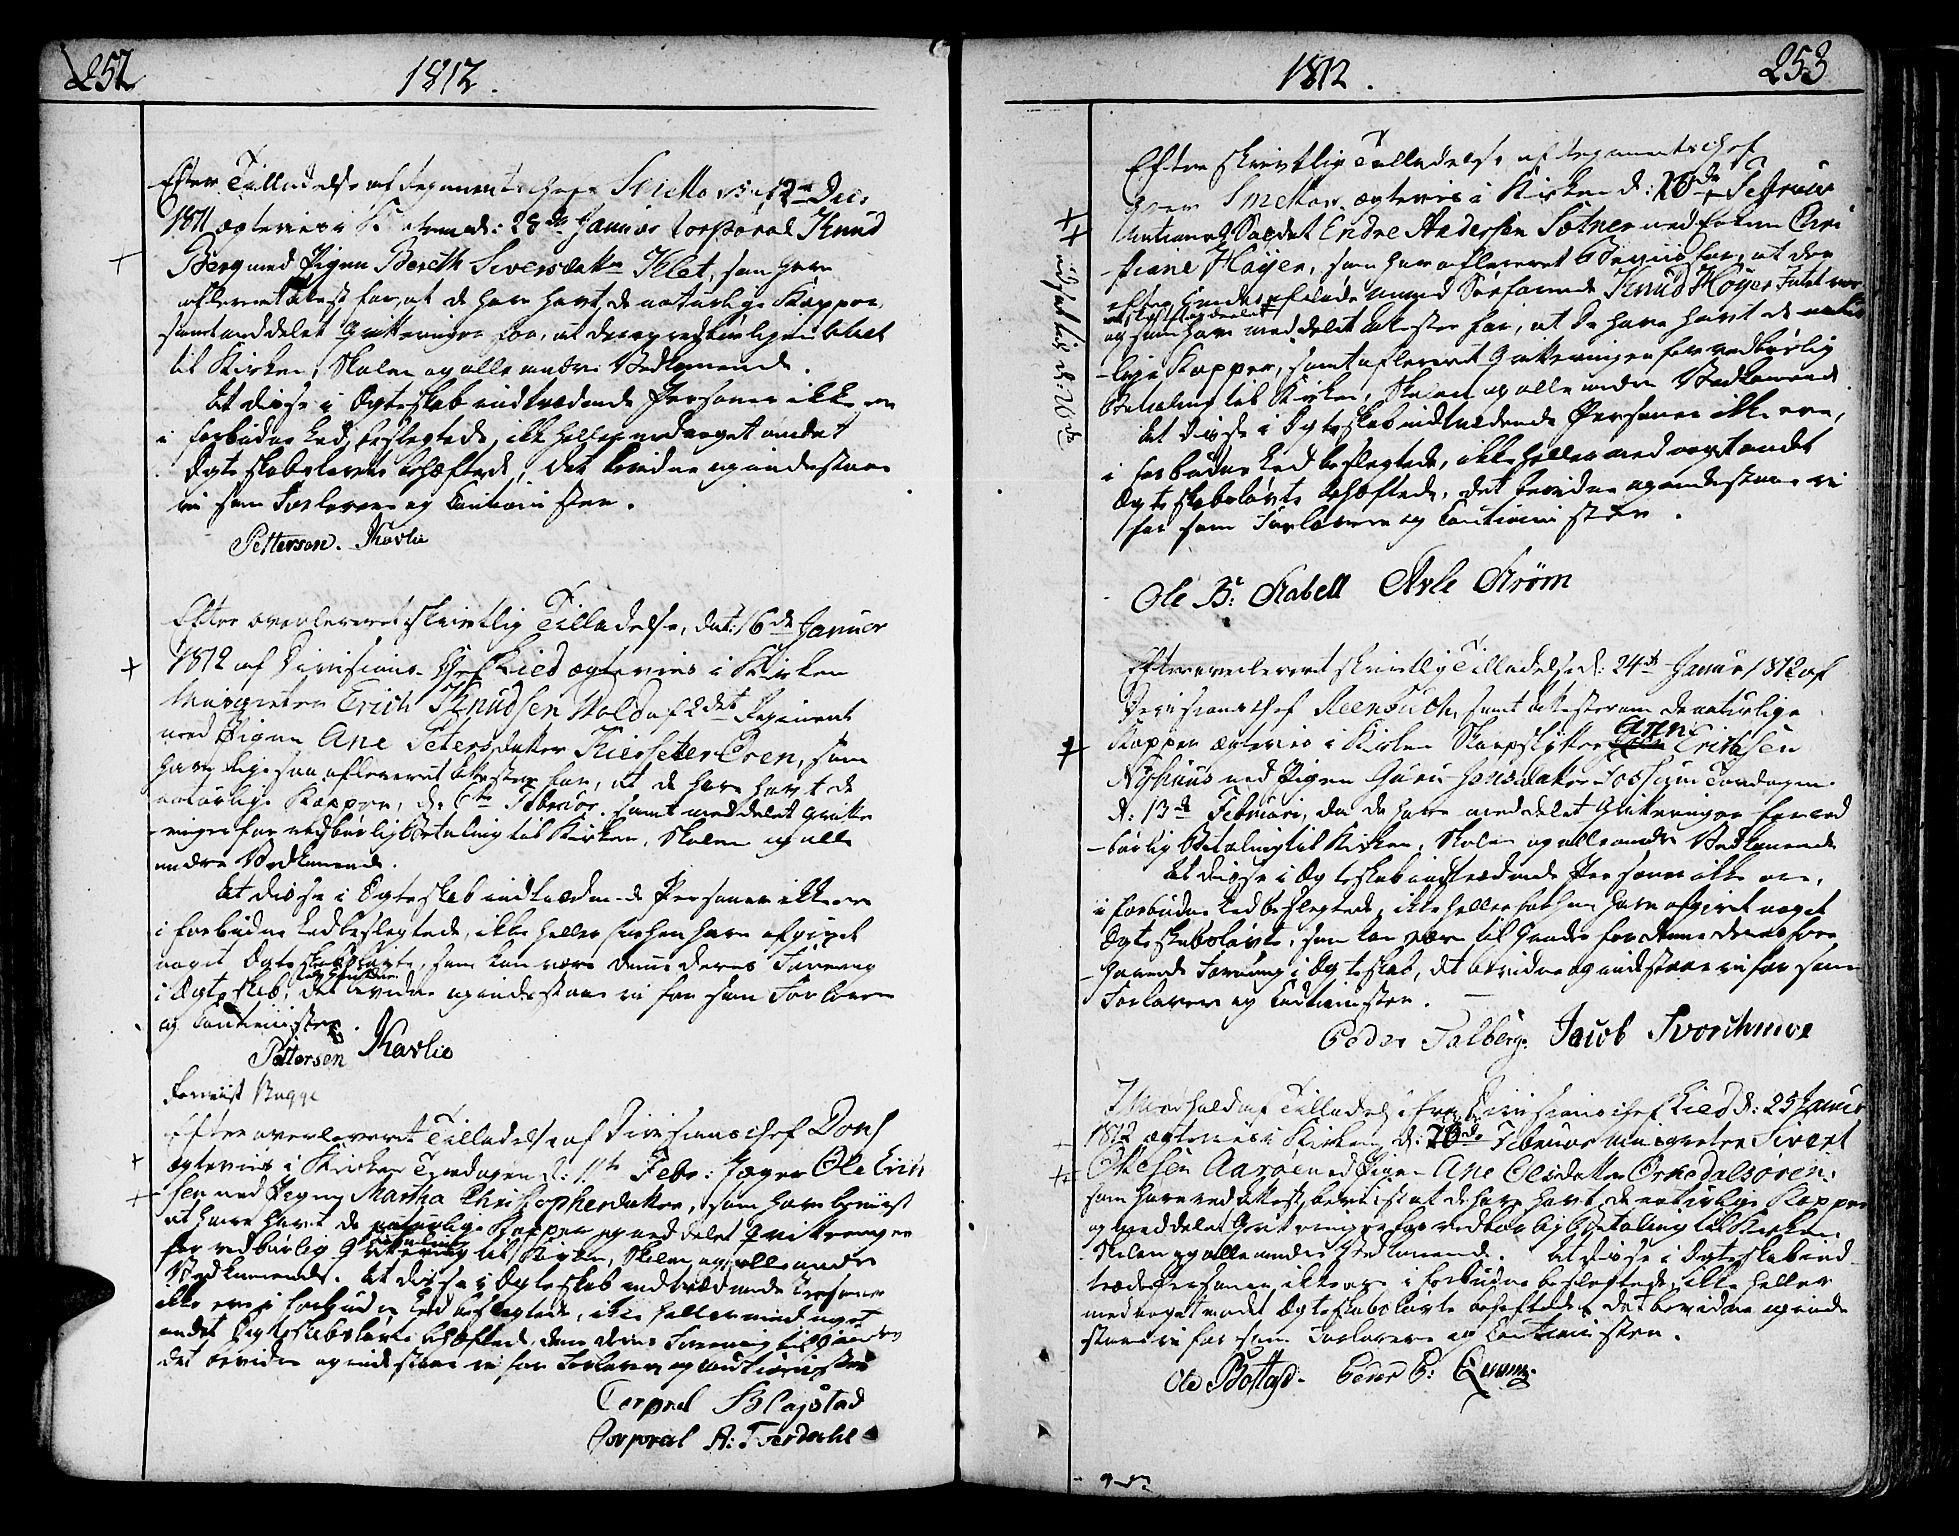 SAT, Ministerialprotokoller, klokkerbøker og fødselsregistre - Sør-Trøndelag, 602/L0105: Ministerialbok nr. 602A03, 1774-1814, s. 252-253